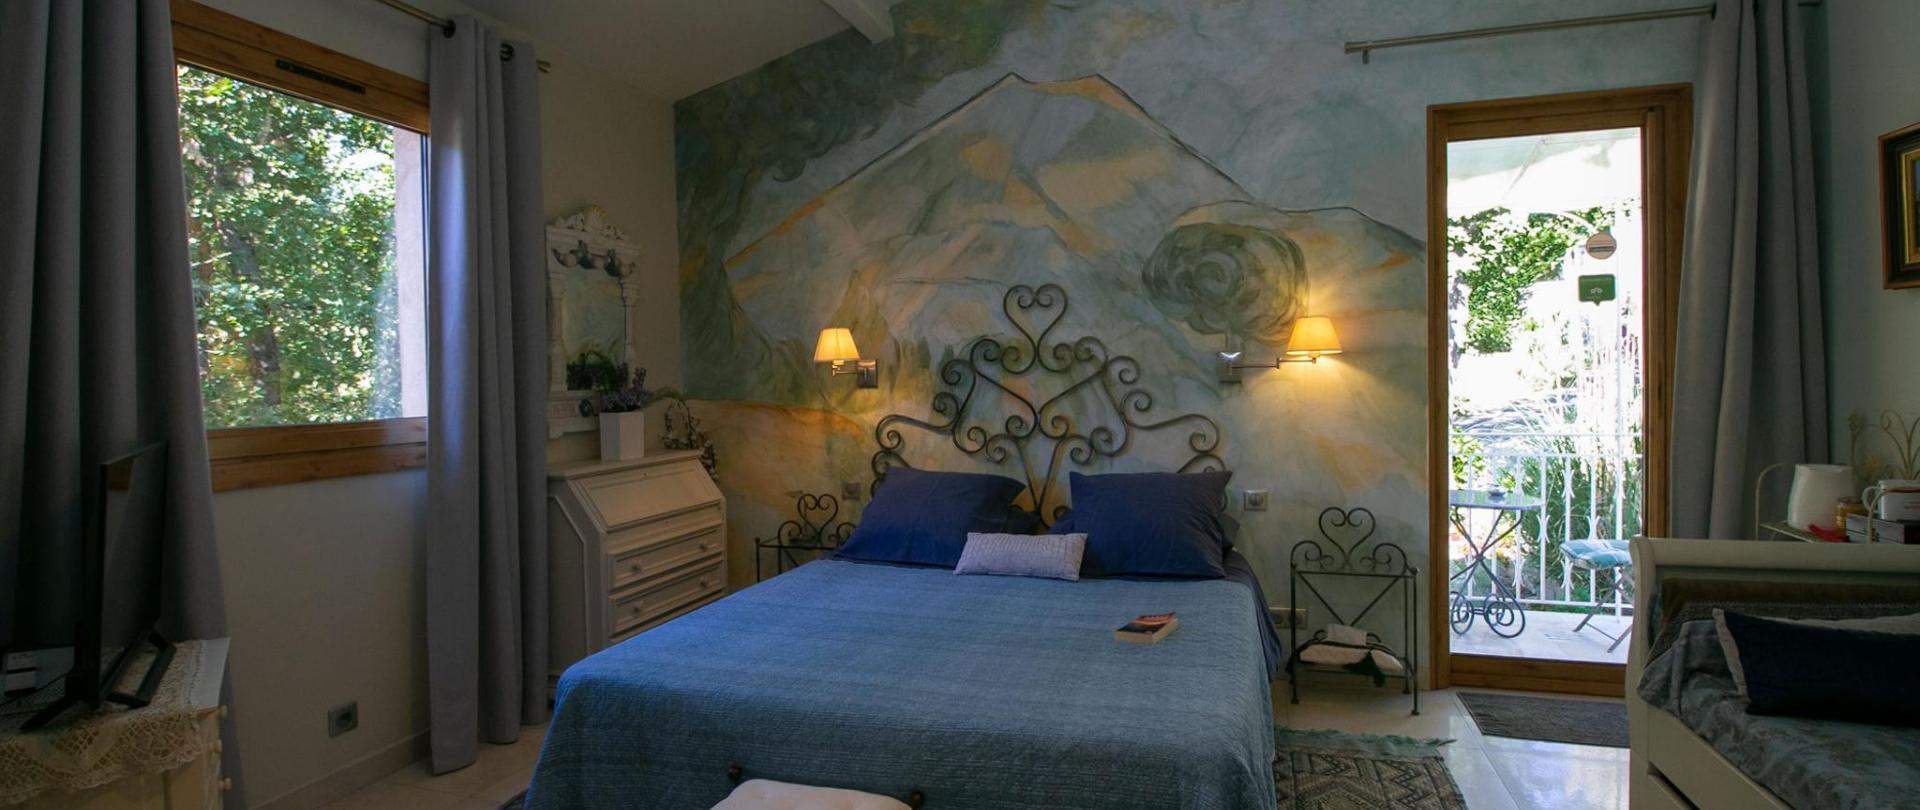 Chambre Cezanne dernière photo.jpg